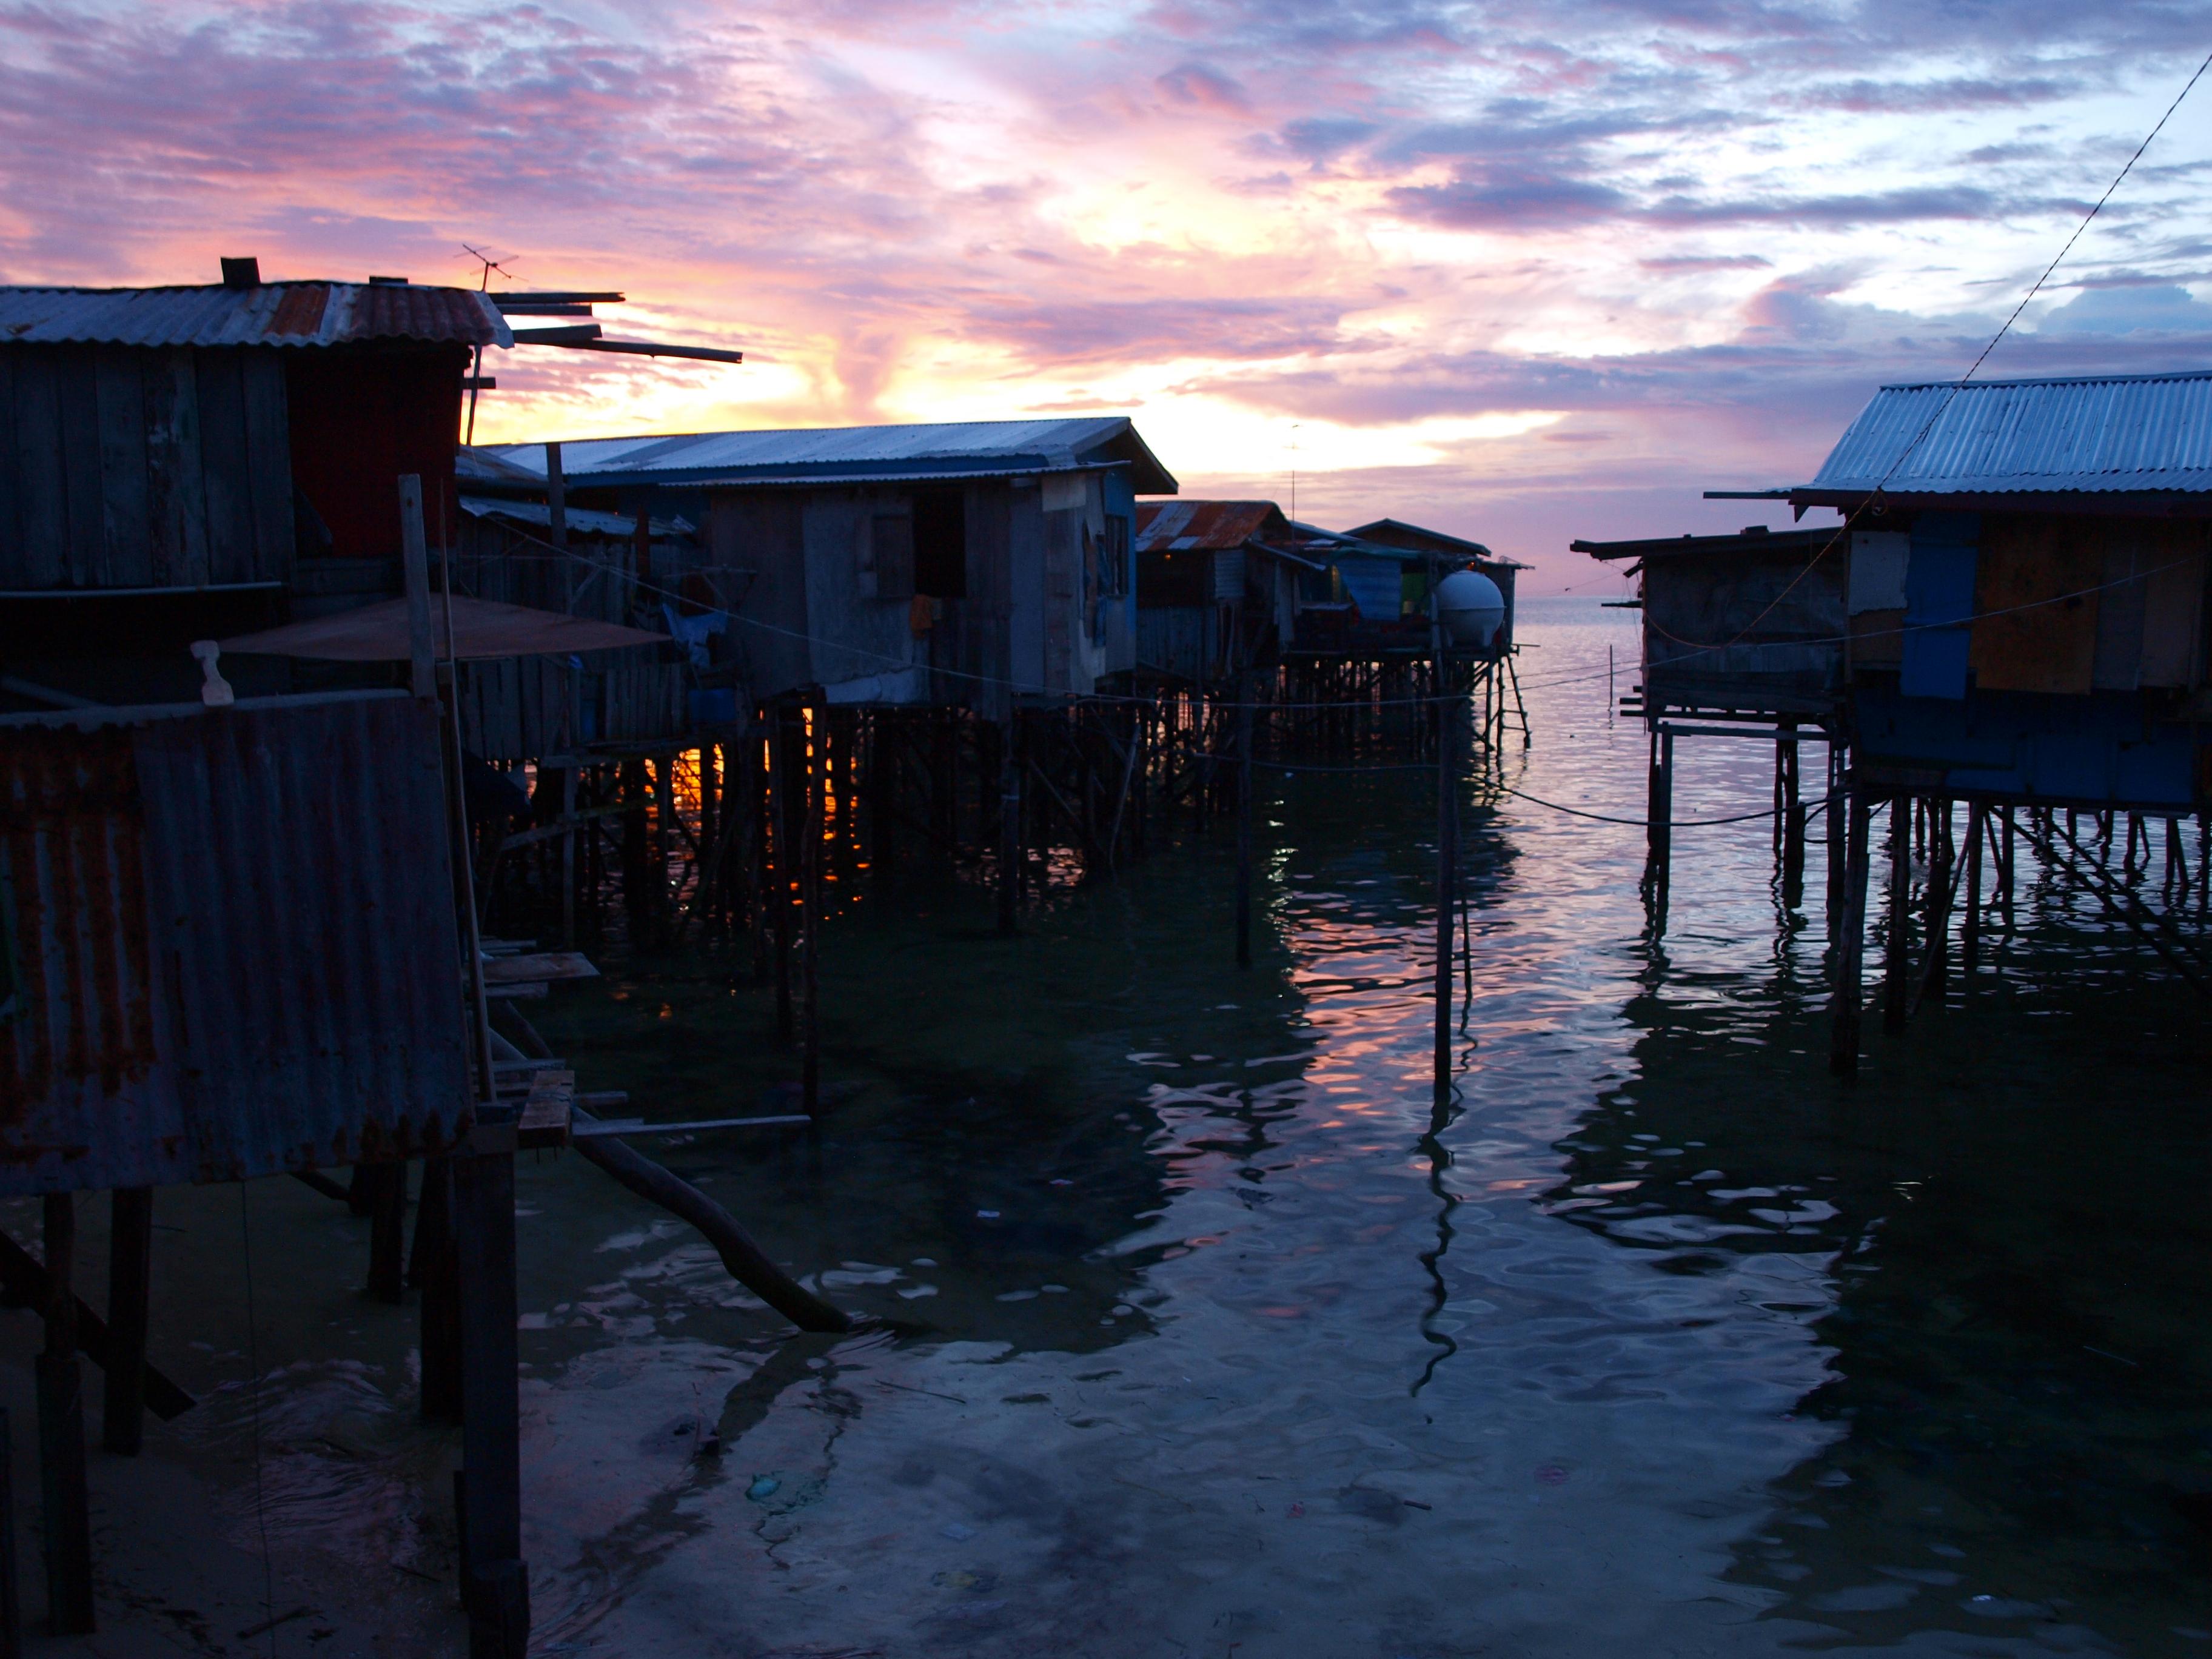 Malaysian Borneo (Photo: solong_mariana)